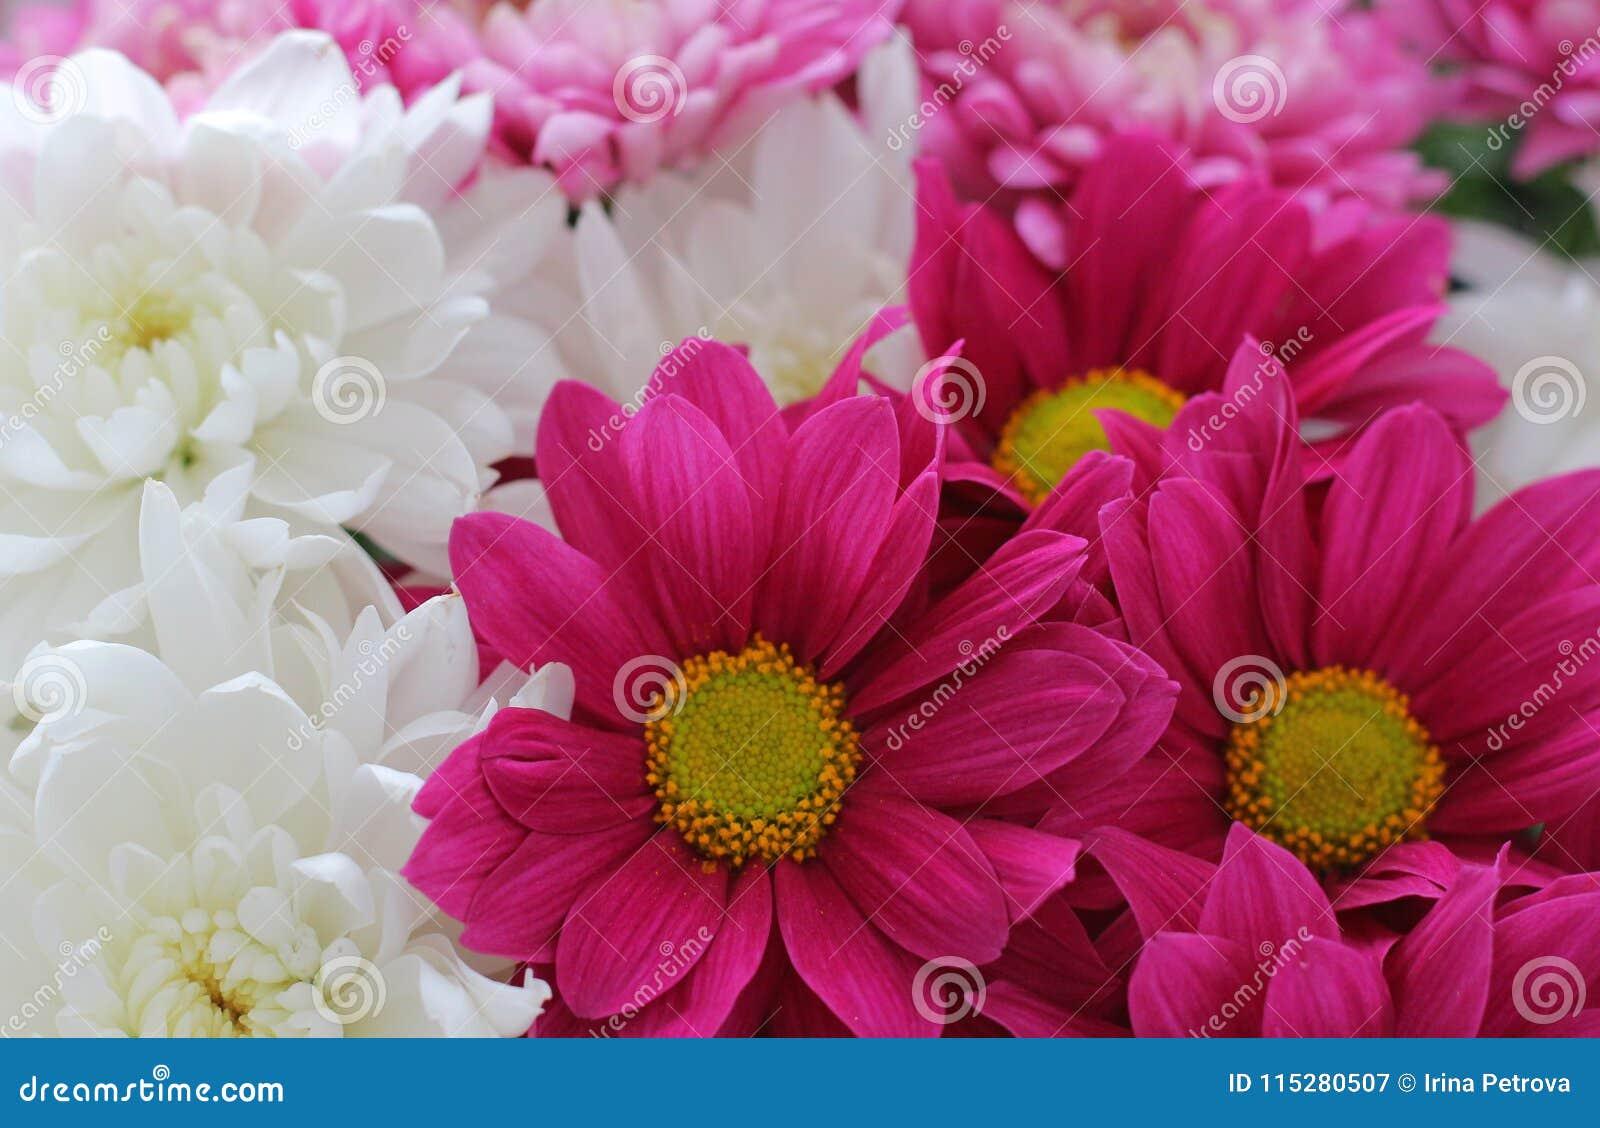 I fiori del crisantemo si chiudono sul fondo del fiore